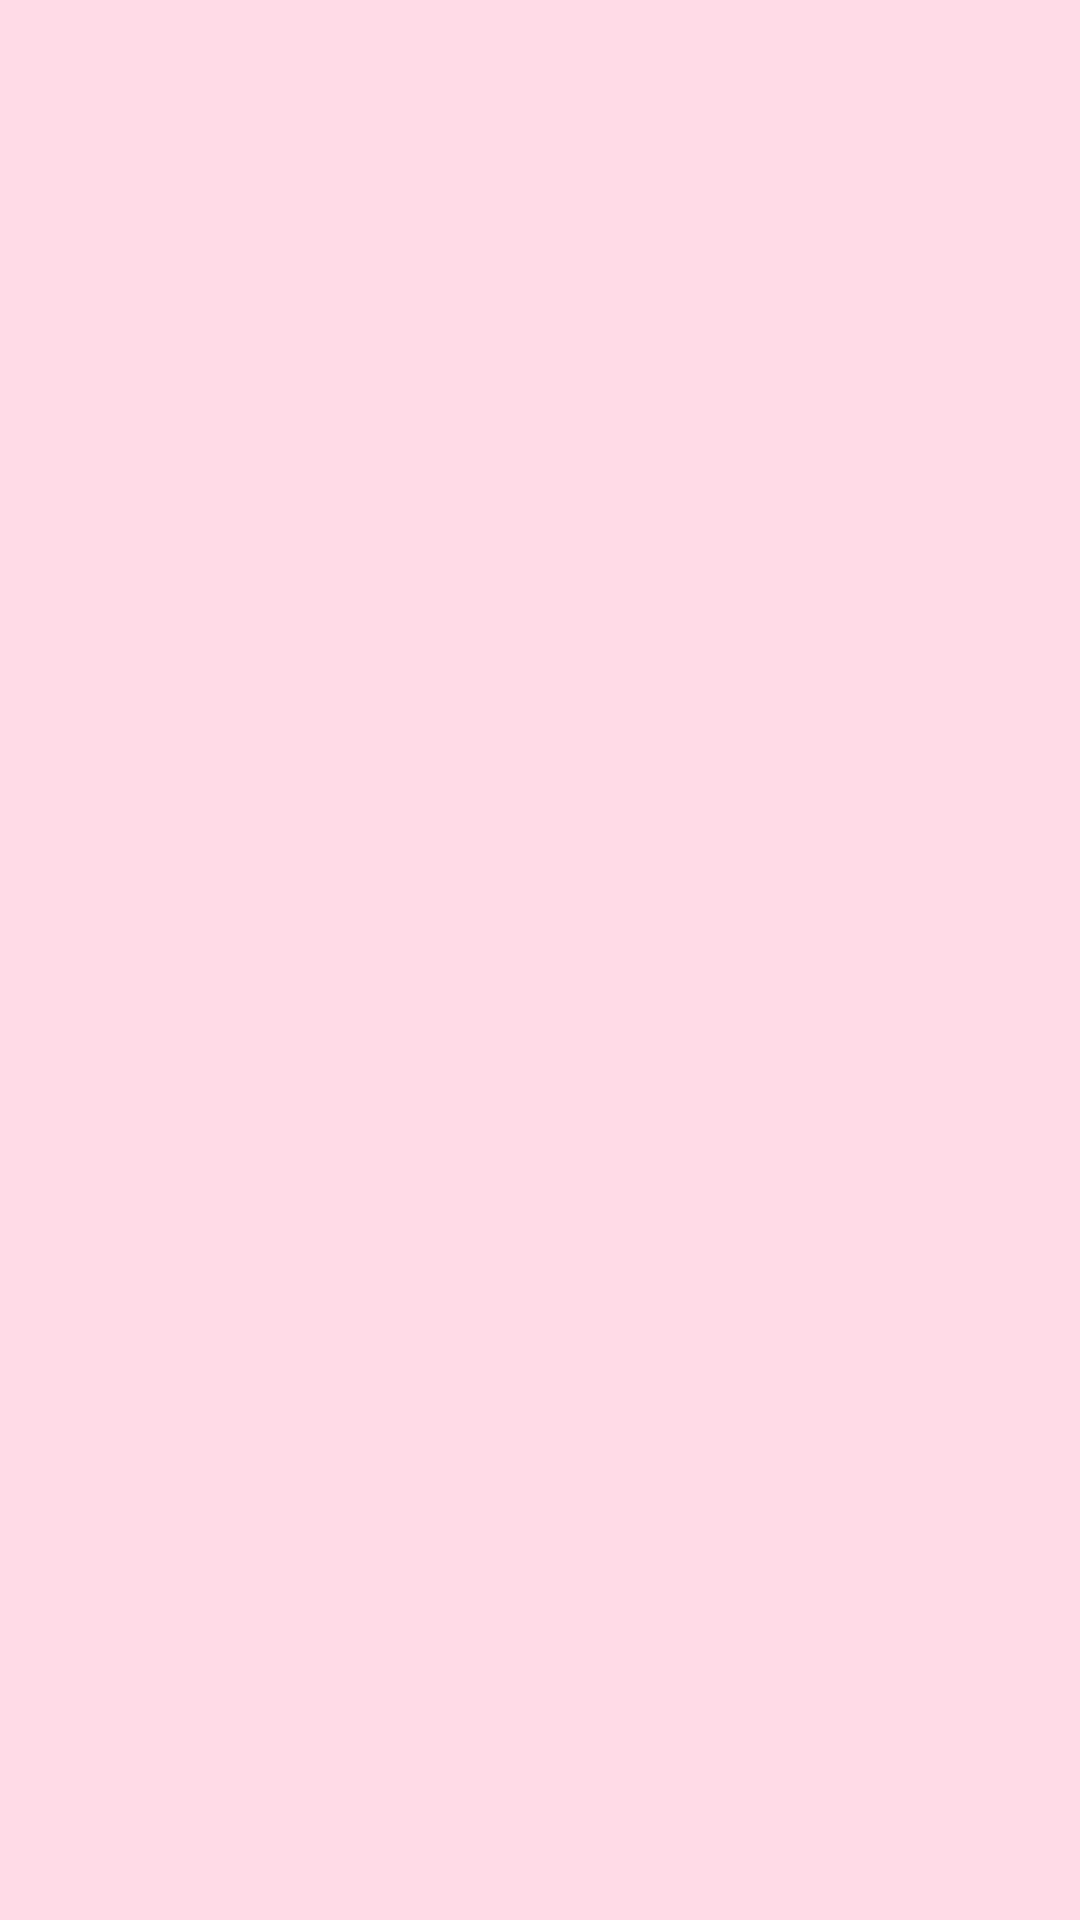 Baby Girl Aesthetic Wallpapers - Top Free Baby Girl ...